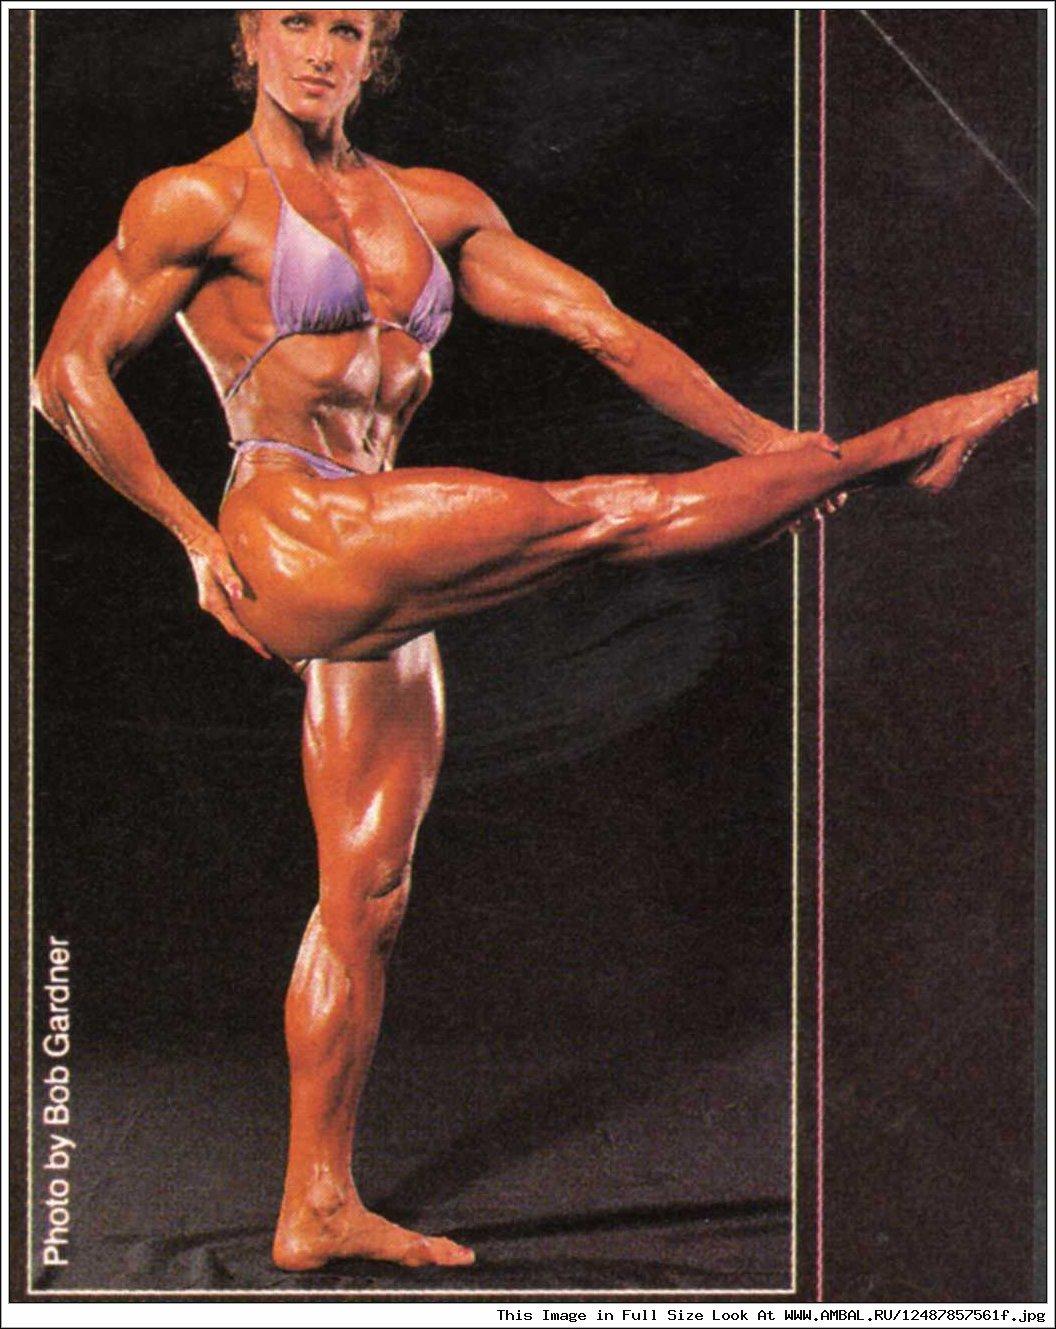 Woman nude bodybuilding hentai chicks